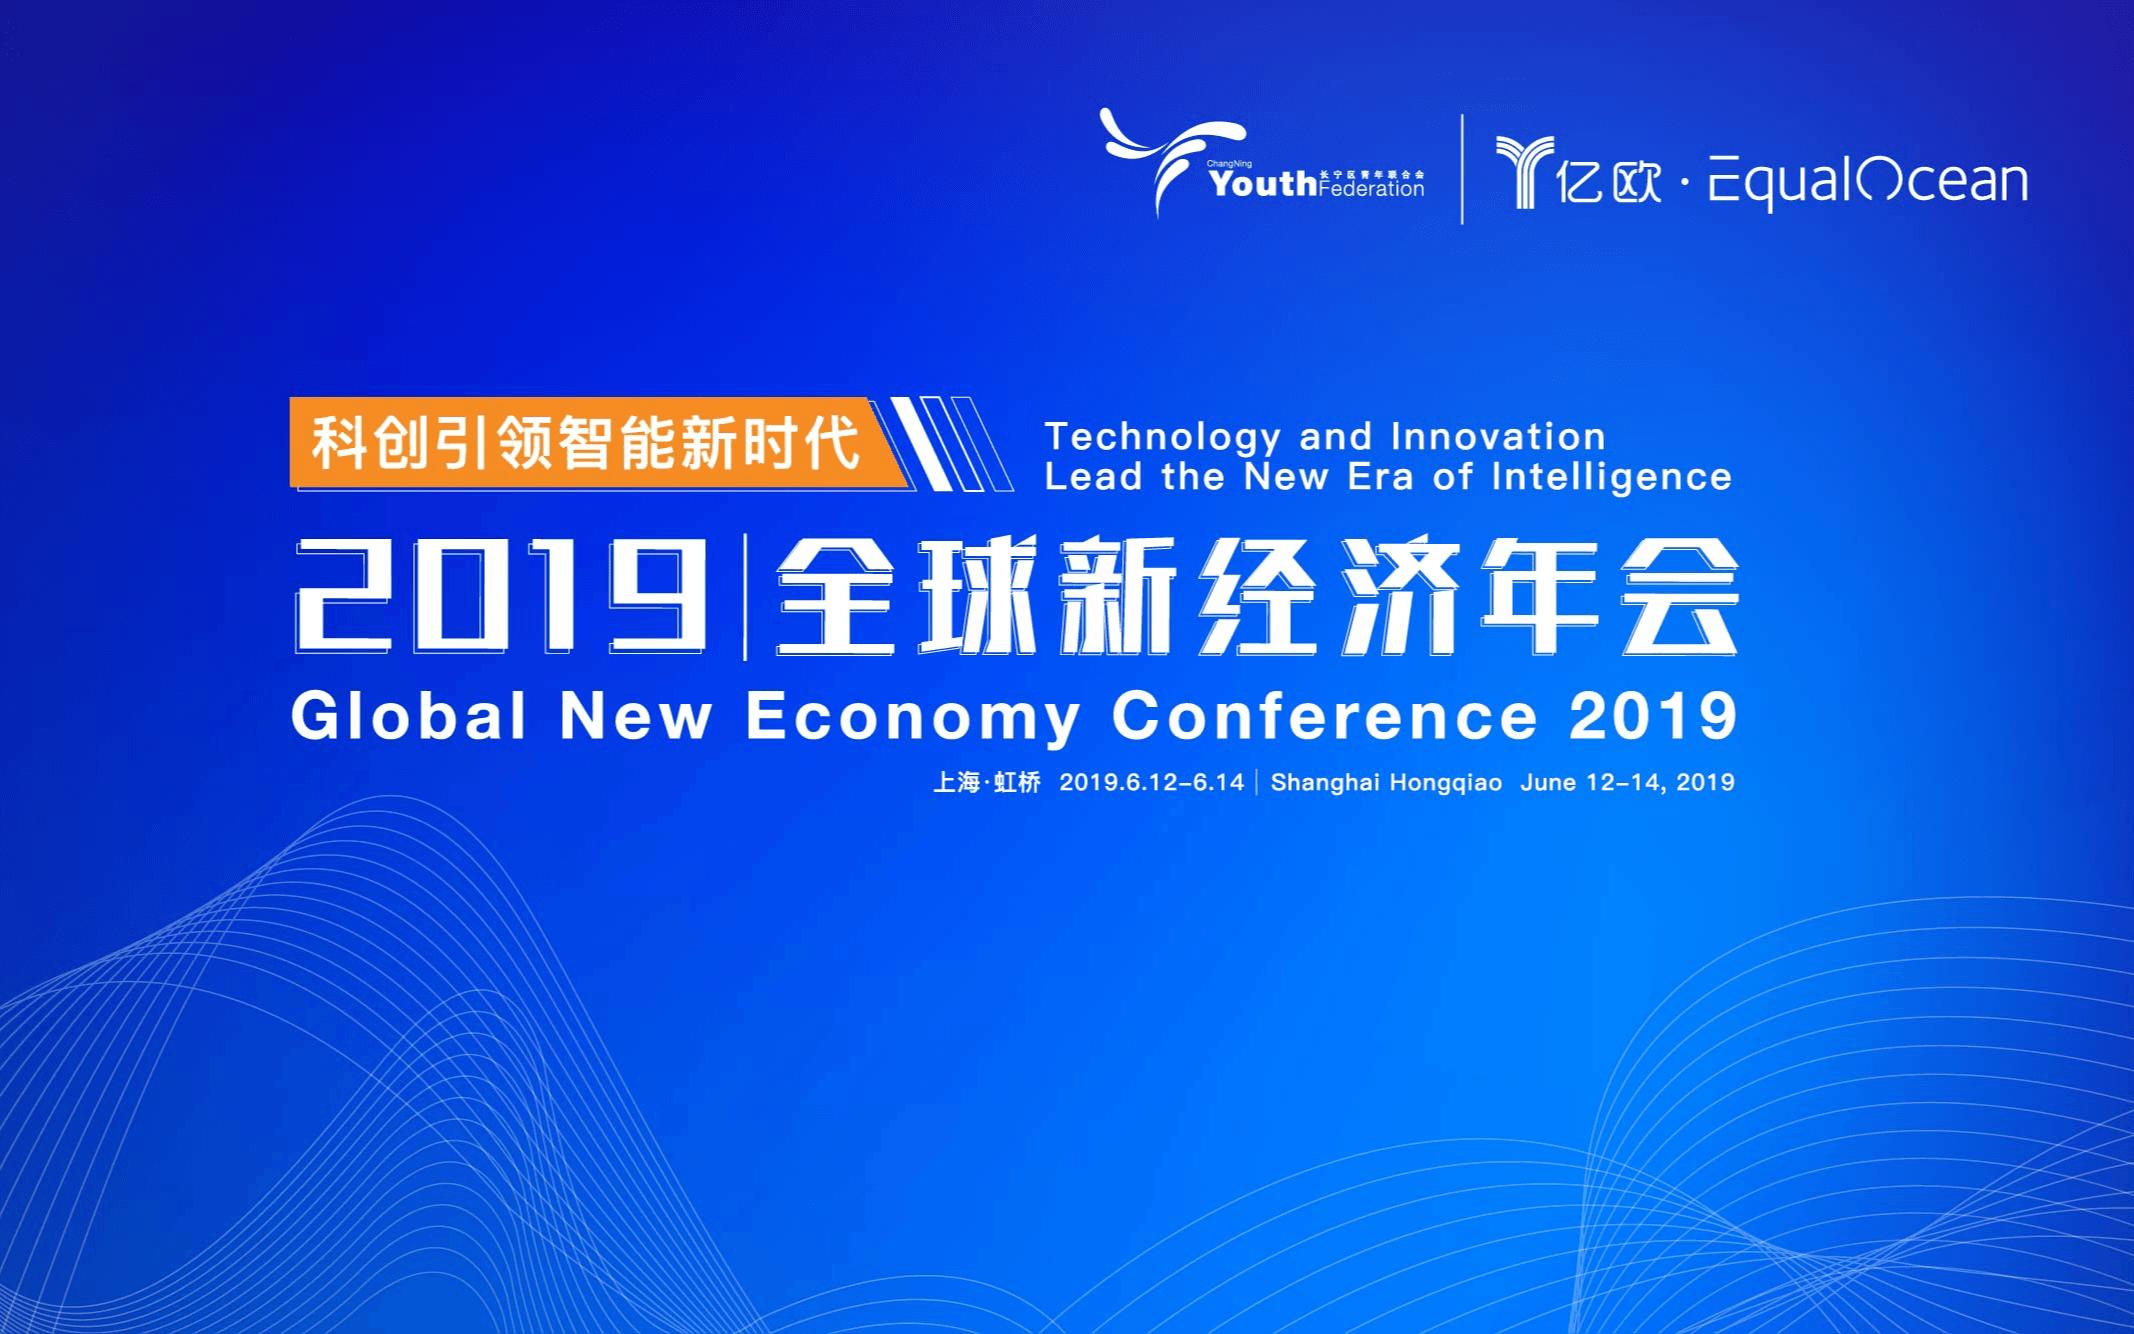 科创引领智能新时代 - 2019全球新经济年会(上海)